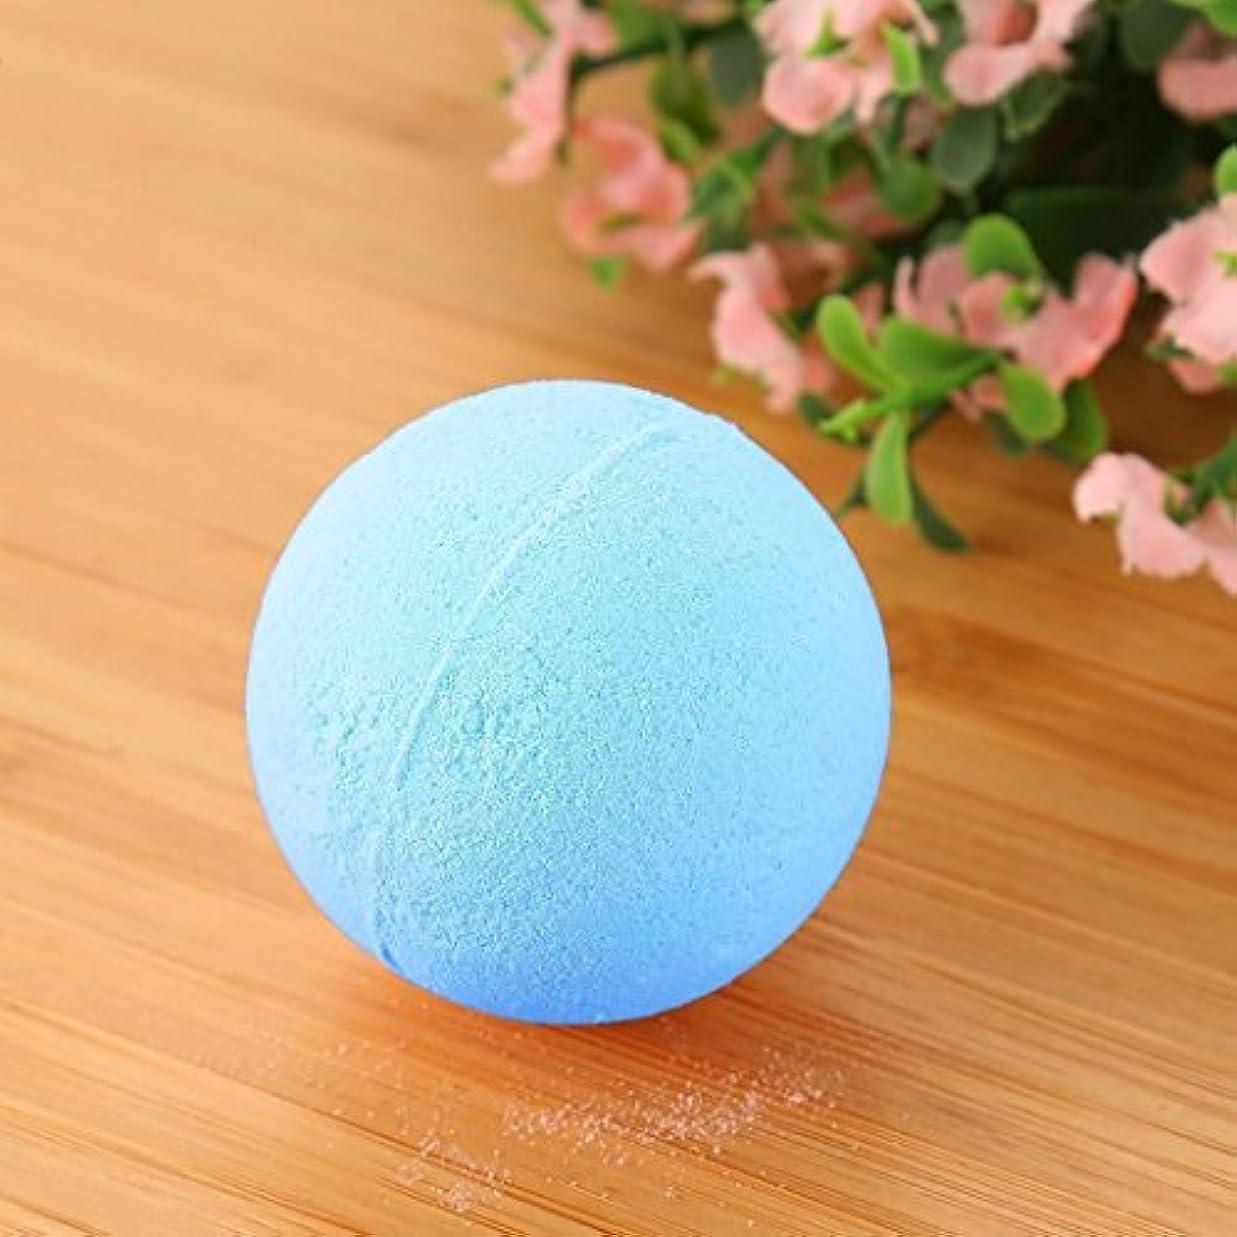 食物戦闘ミスペンド女性のための塩ソルトボールプレゼントリラックス泡風呂